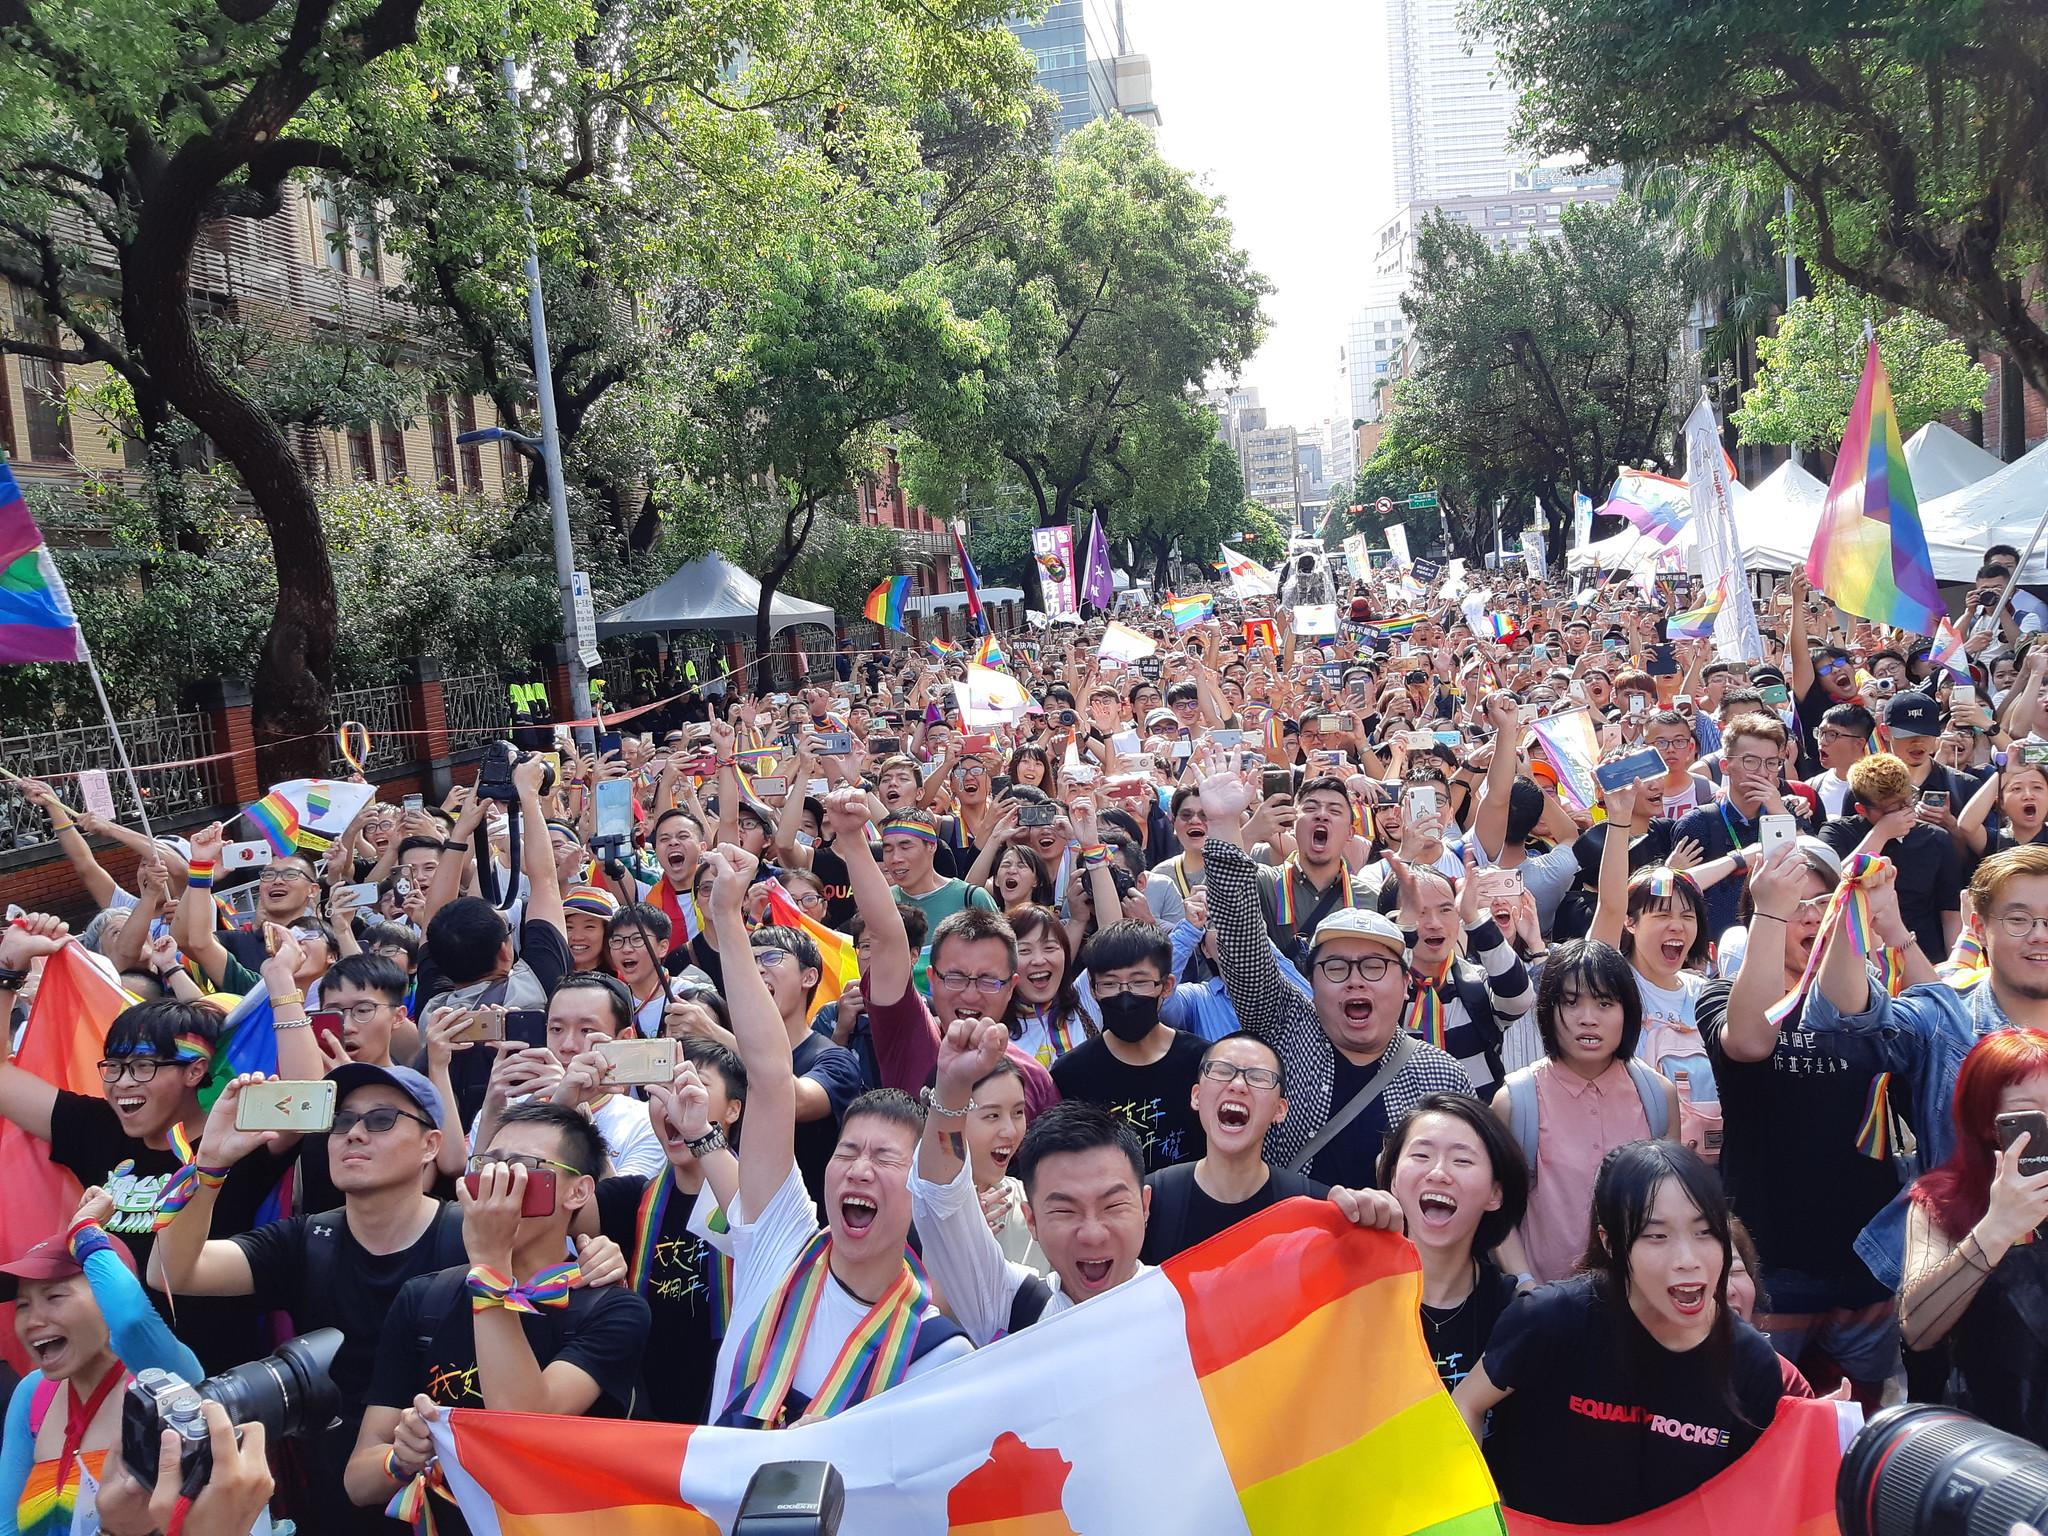 同婚法案三讀通過,台灣成為亞洲第一個通過同婚的先驅。(攝影:張智琦)